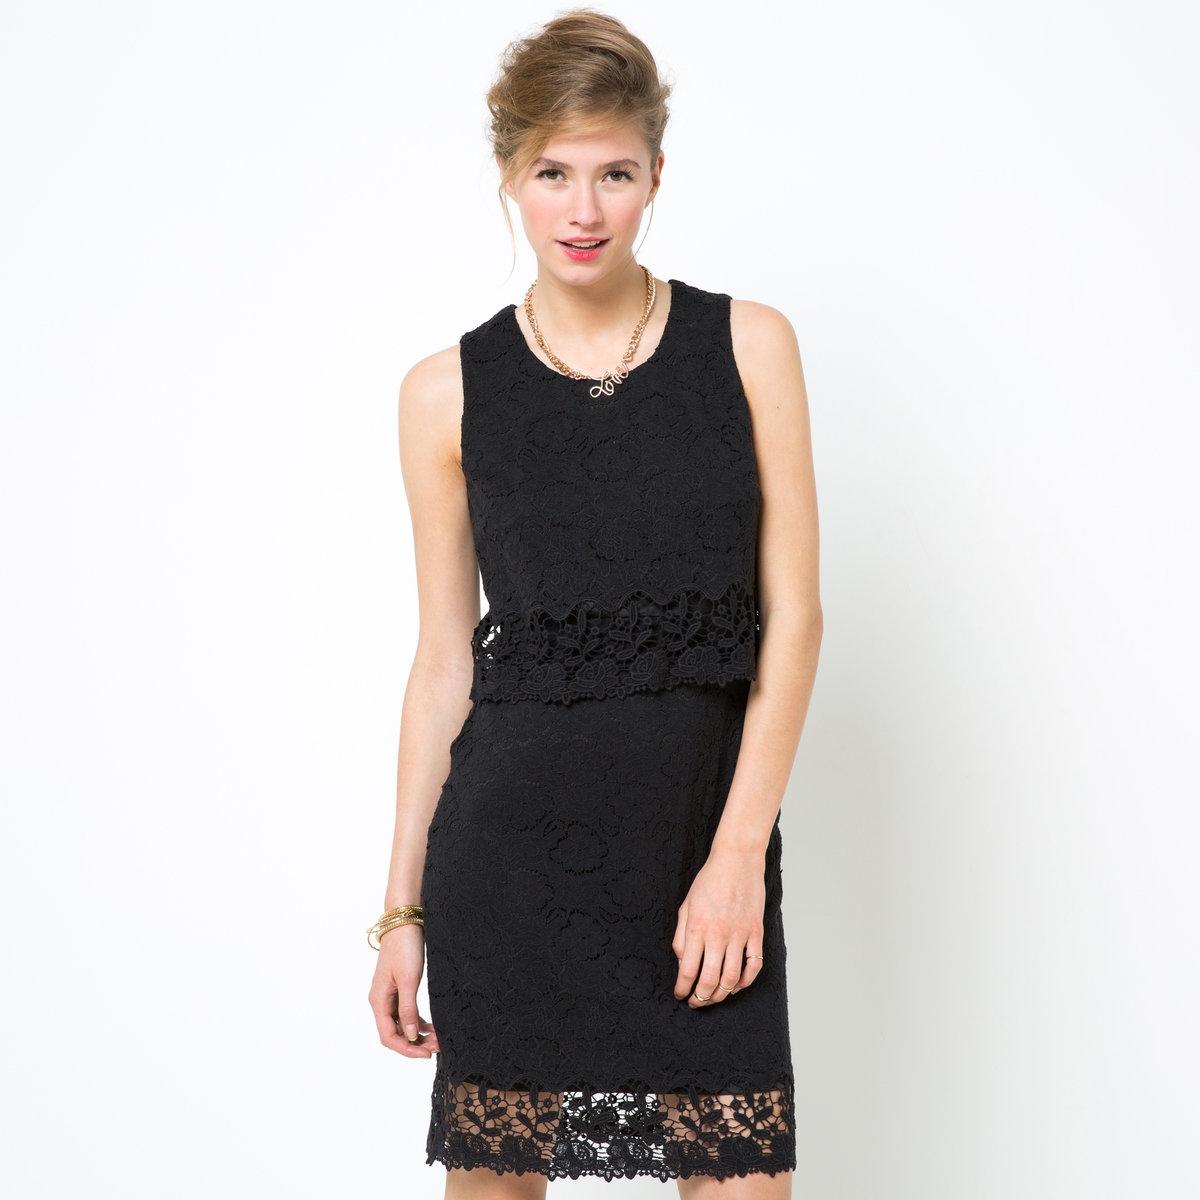 Платье MADEMOISELLE RПрямой покрой. Кружево и гипюр, верх: 65% хлопка, 35% полиамида, подкладка - 100% полиэстера. Круглый вырез спереди и сзади. Застежка на молнию сзади. Волнистая отделка низа. Длина ко.94 см.<br><br>Цвет: черный